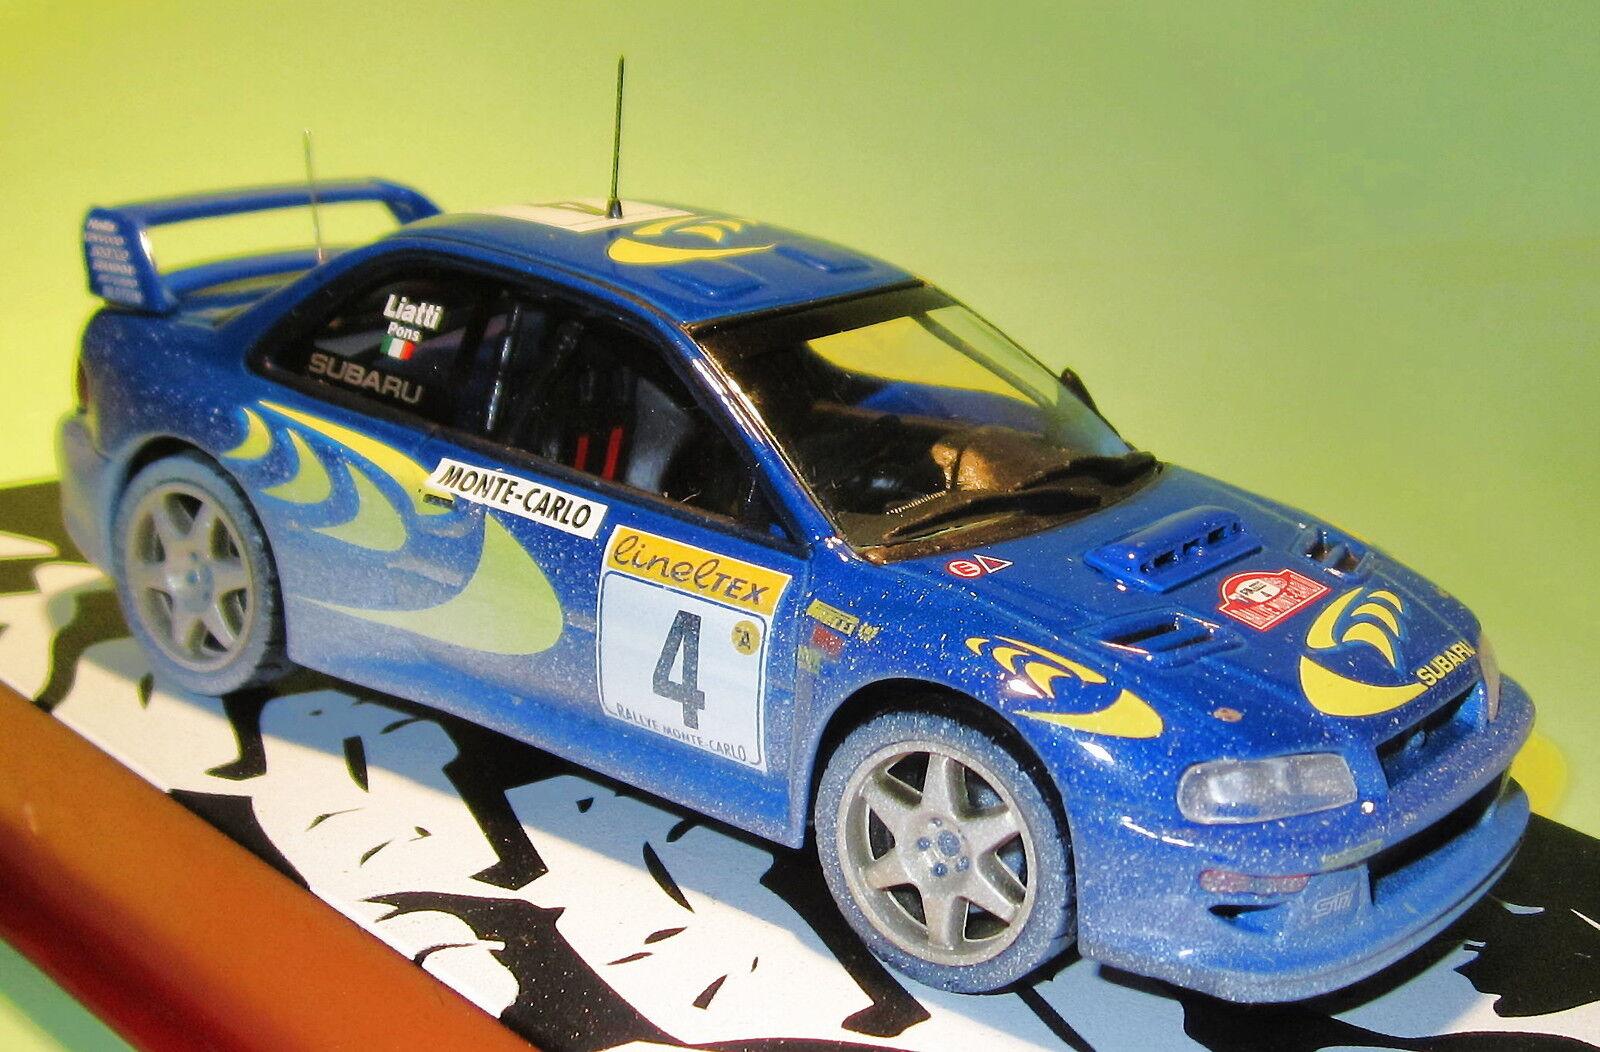 Diecast 1 43 subaru impreza 1997 liatti rally montecarlo (02)